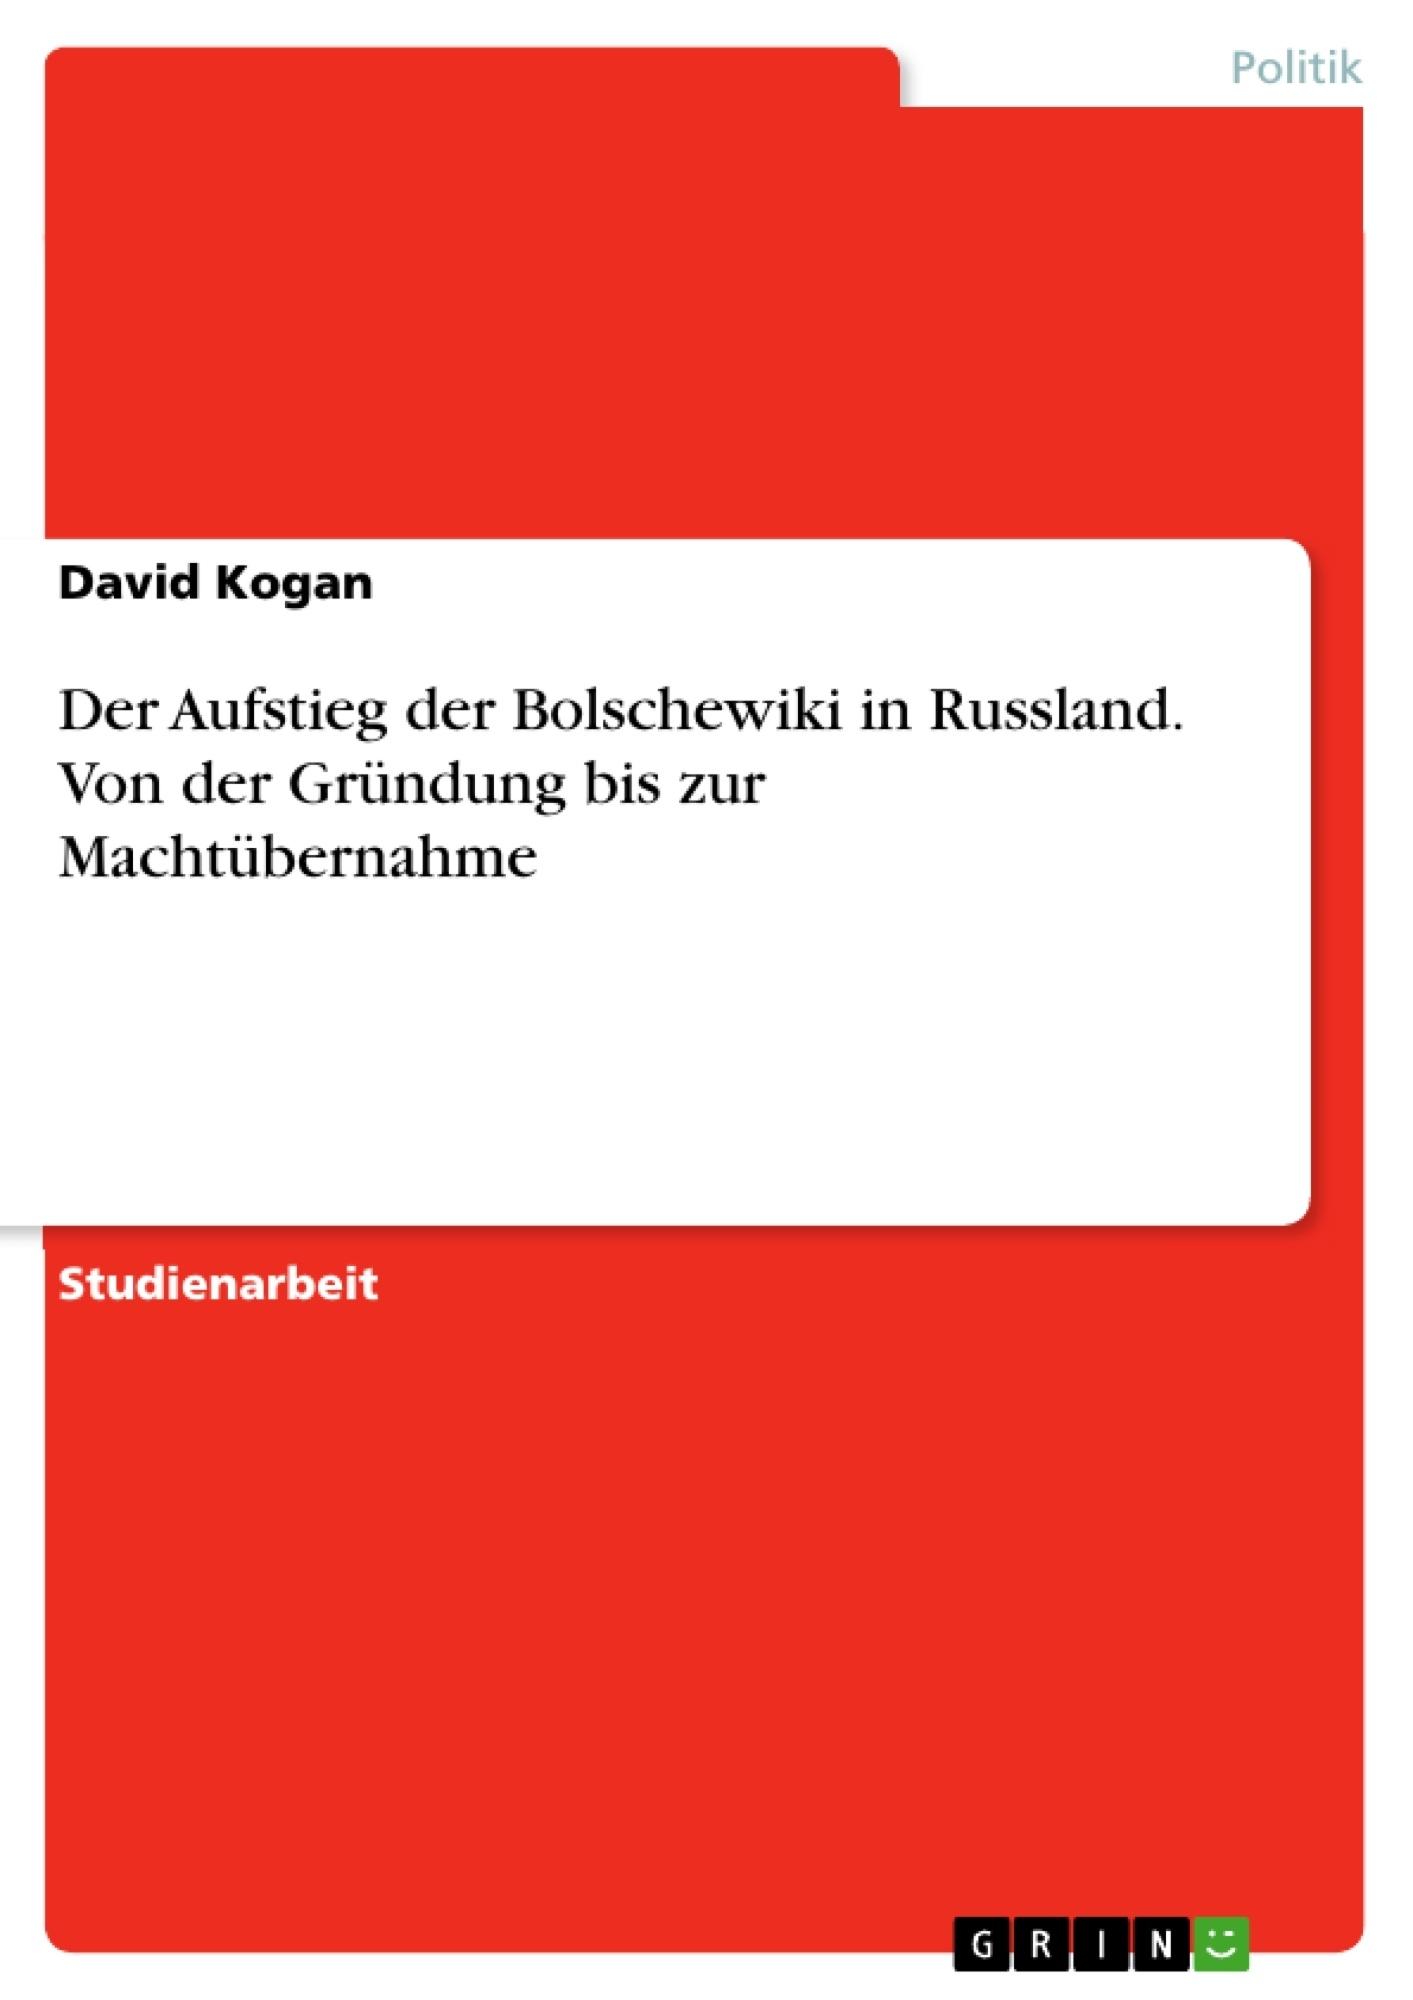 Titel: Der Aufstieg der Bolschewiki in Russland. Von der Gründung bis zur Machtübernahme